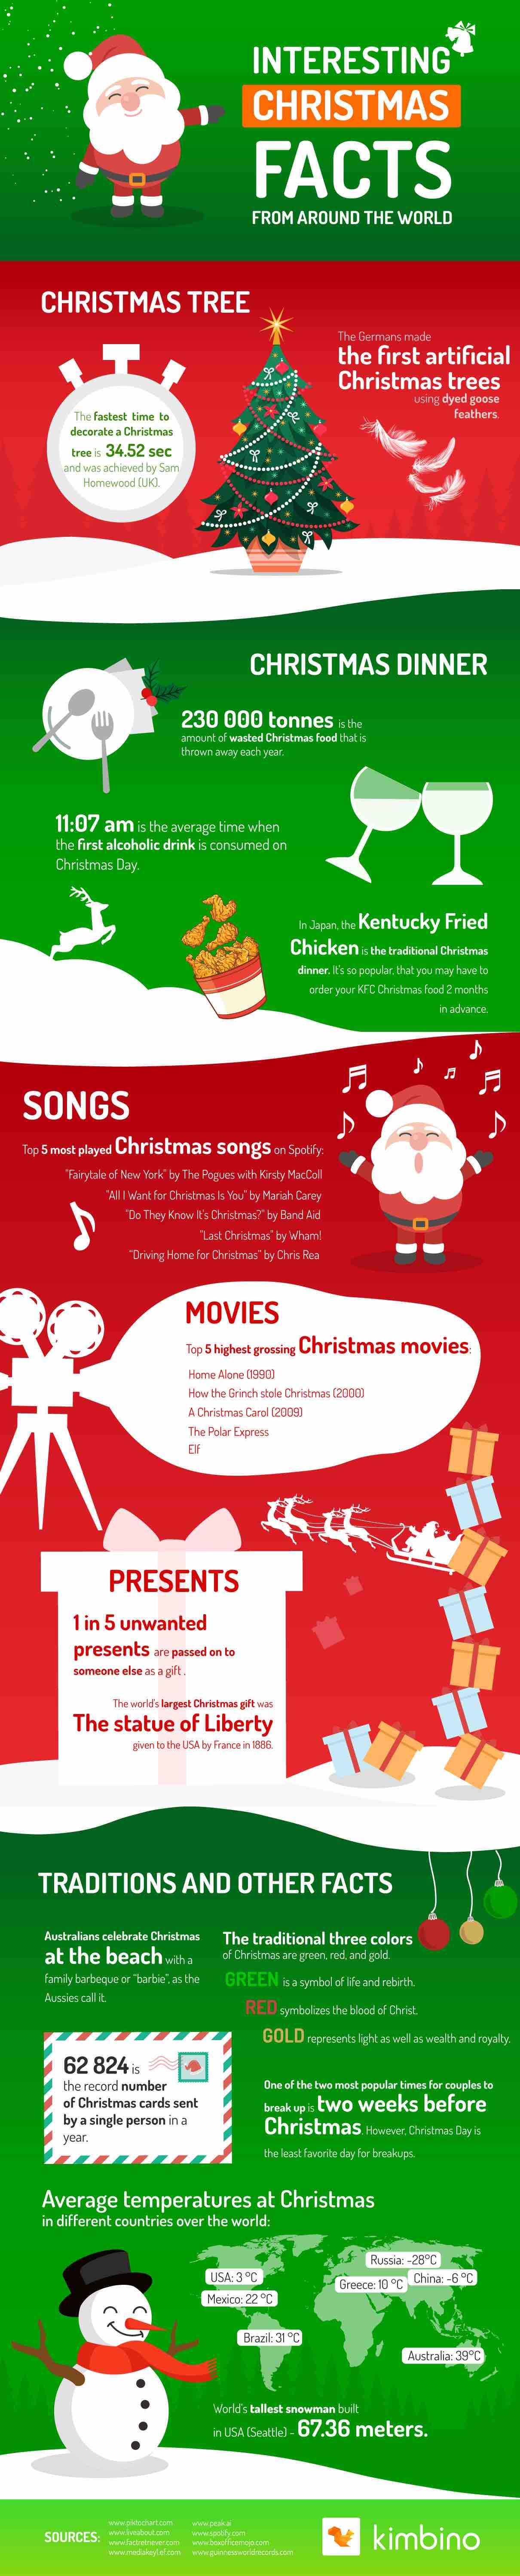 Infographie des faits intéressants sur Noël